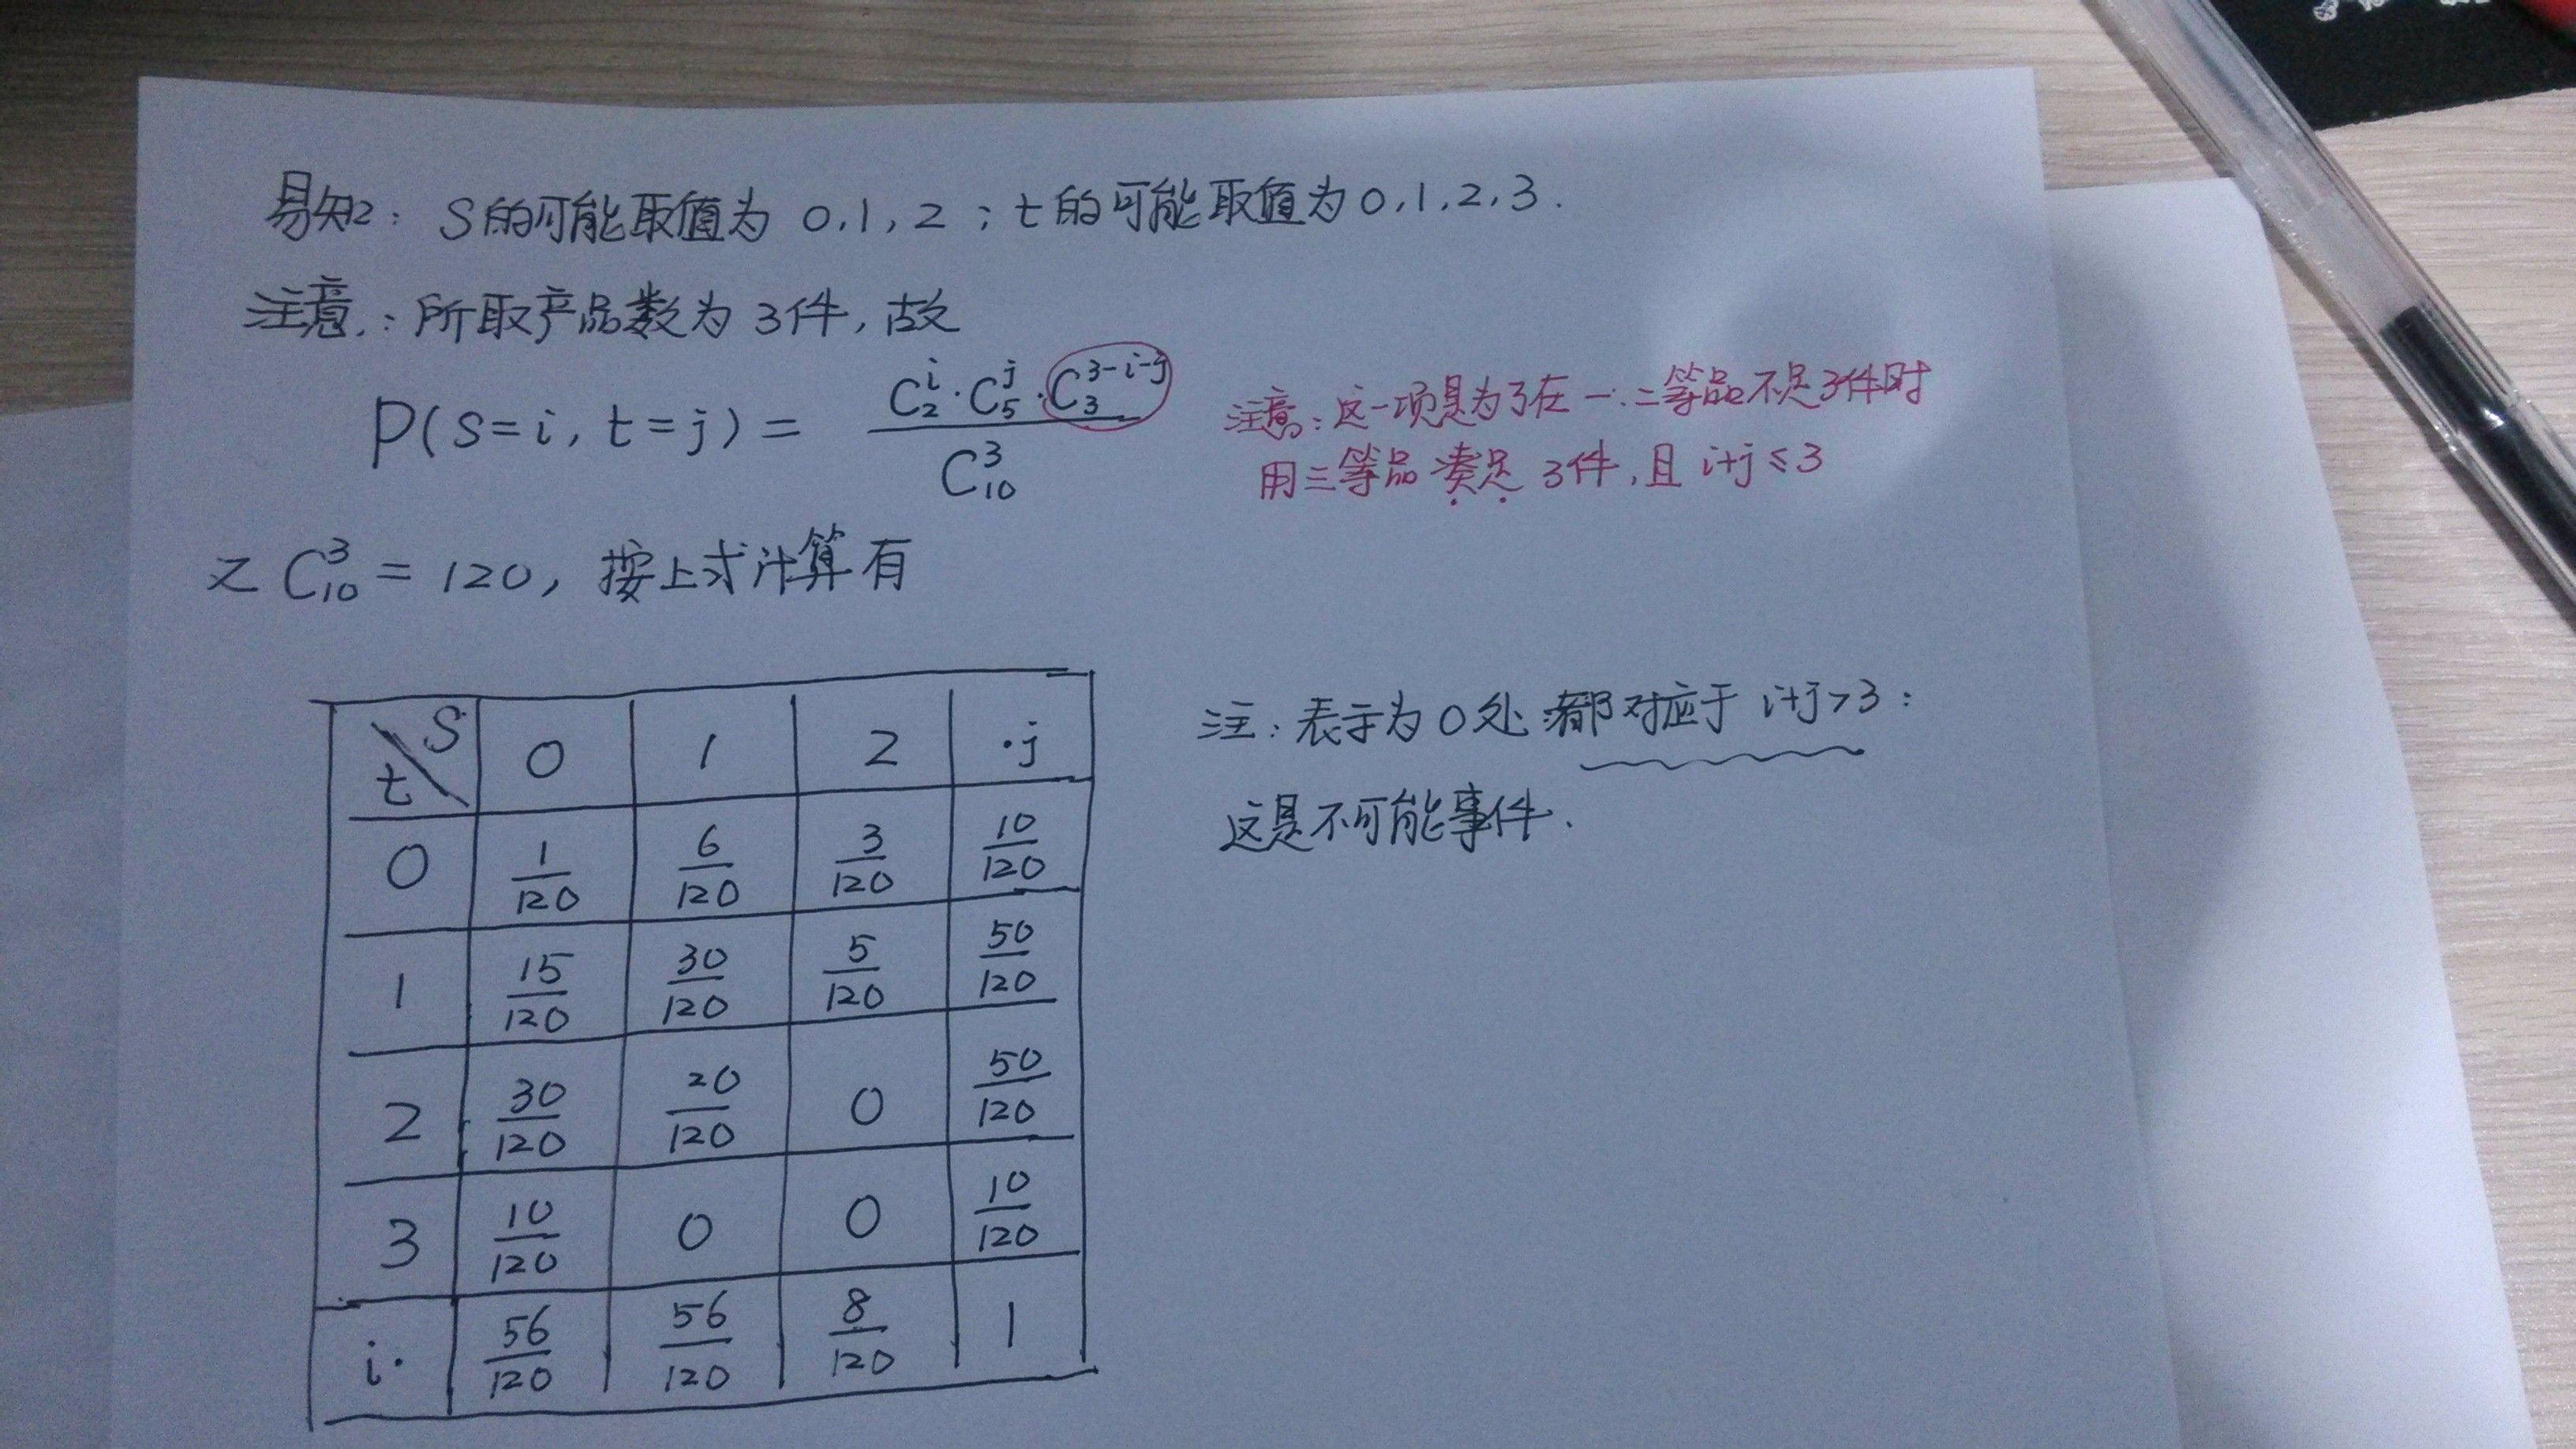 2011考研数学二真题 2012数学二考研真题 2012数学二考研真题